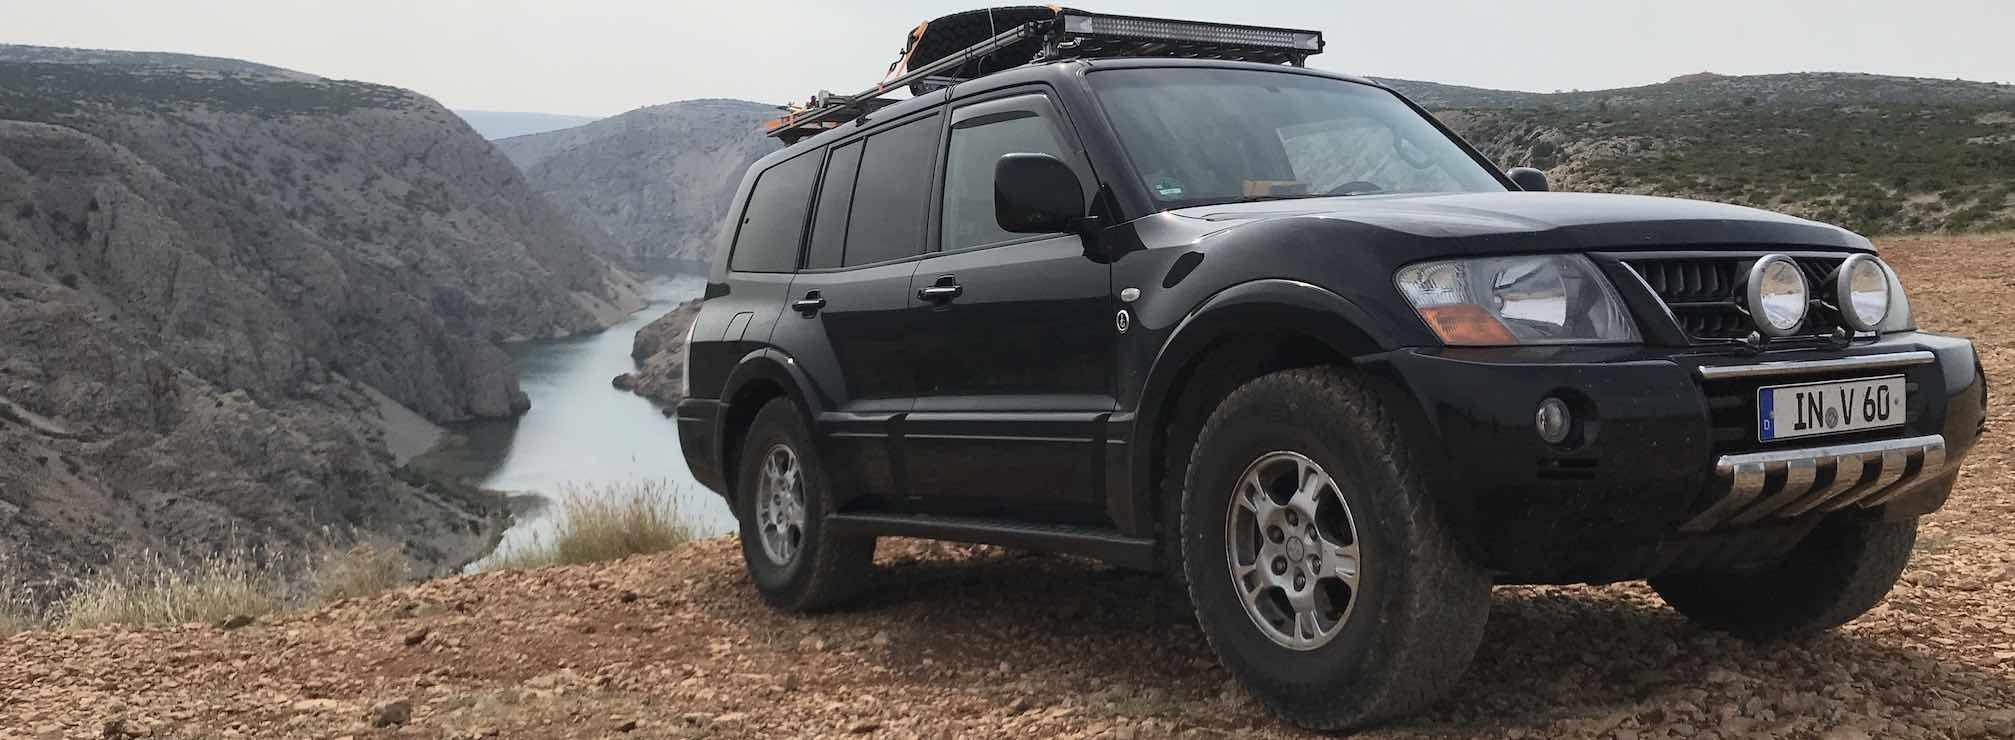 einfach.abenteuerlich Mitsubishi Pajero V60 Camper Ausbau